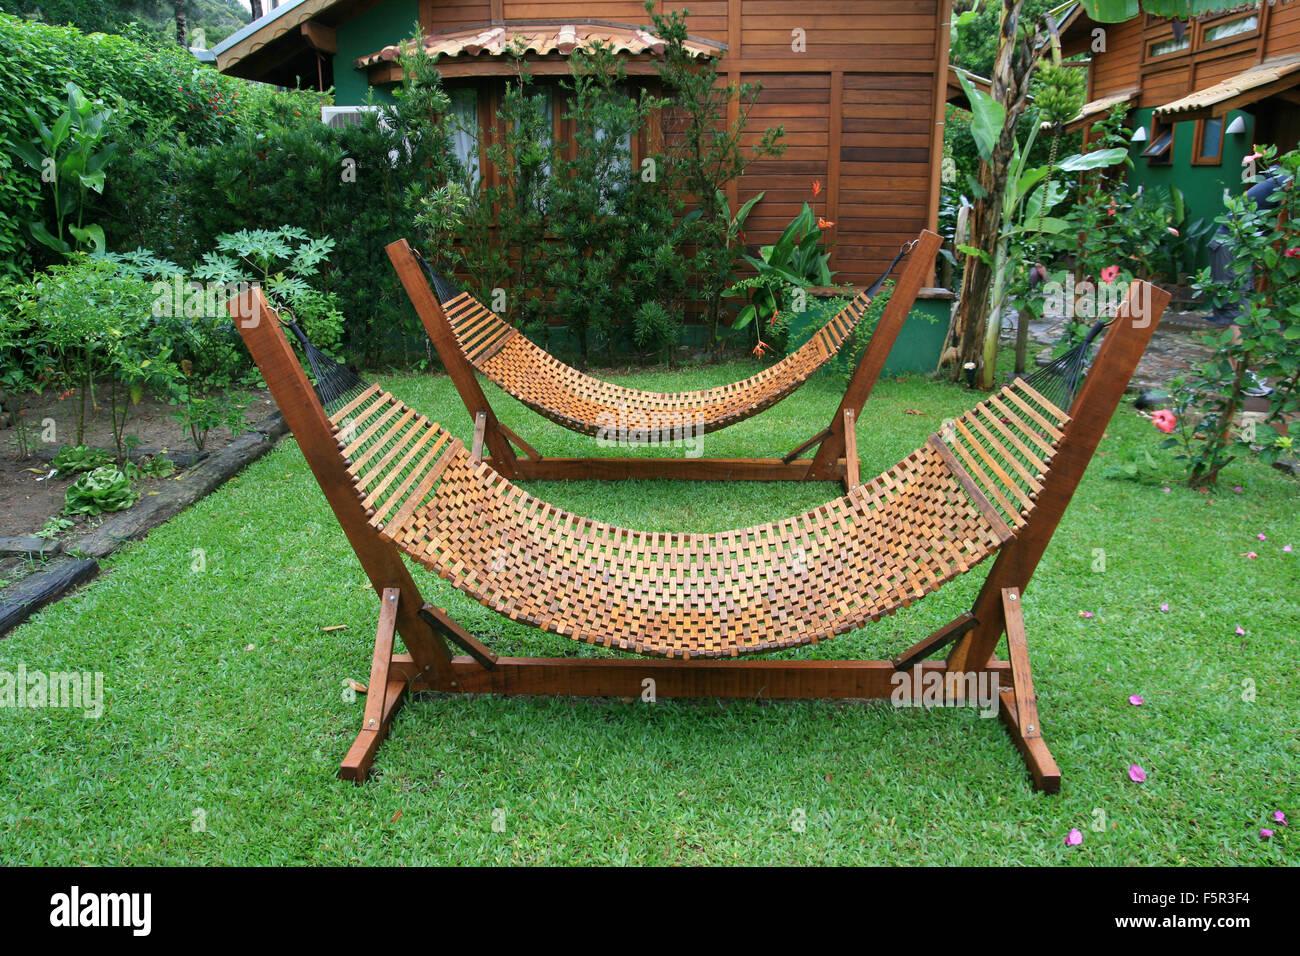 Two luxury hammocks in a green garden - Stock Image